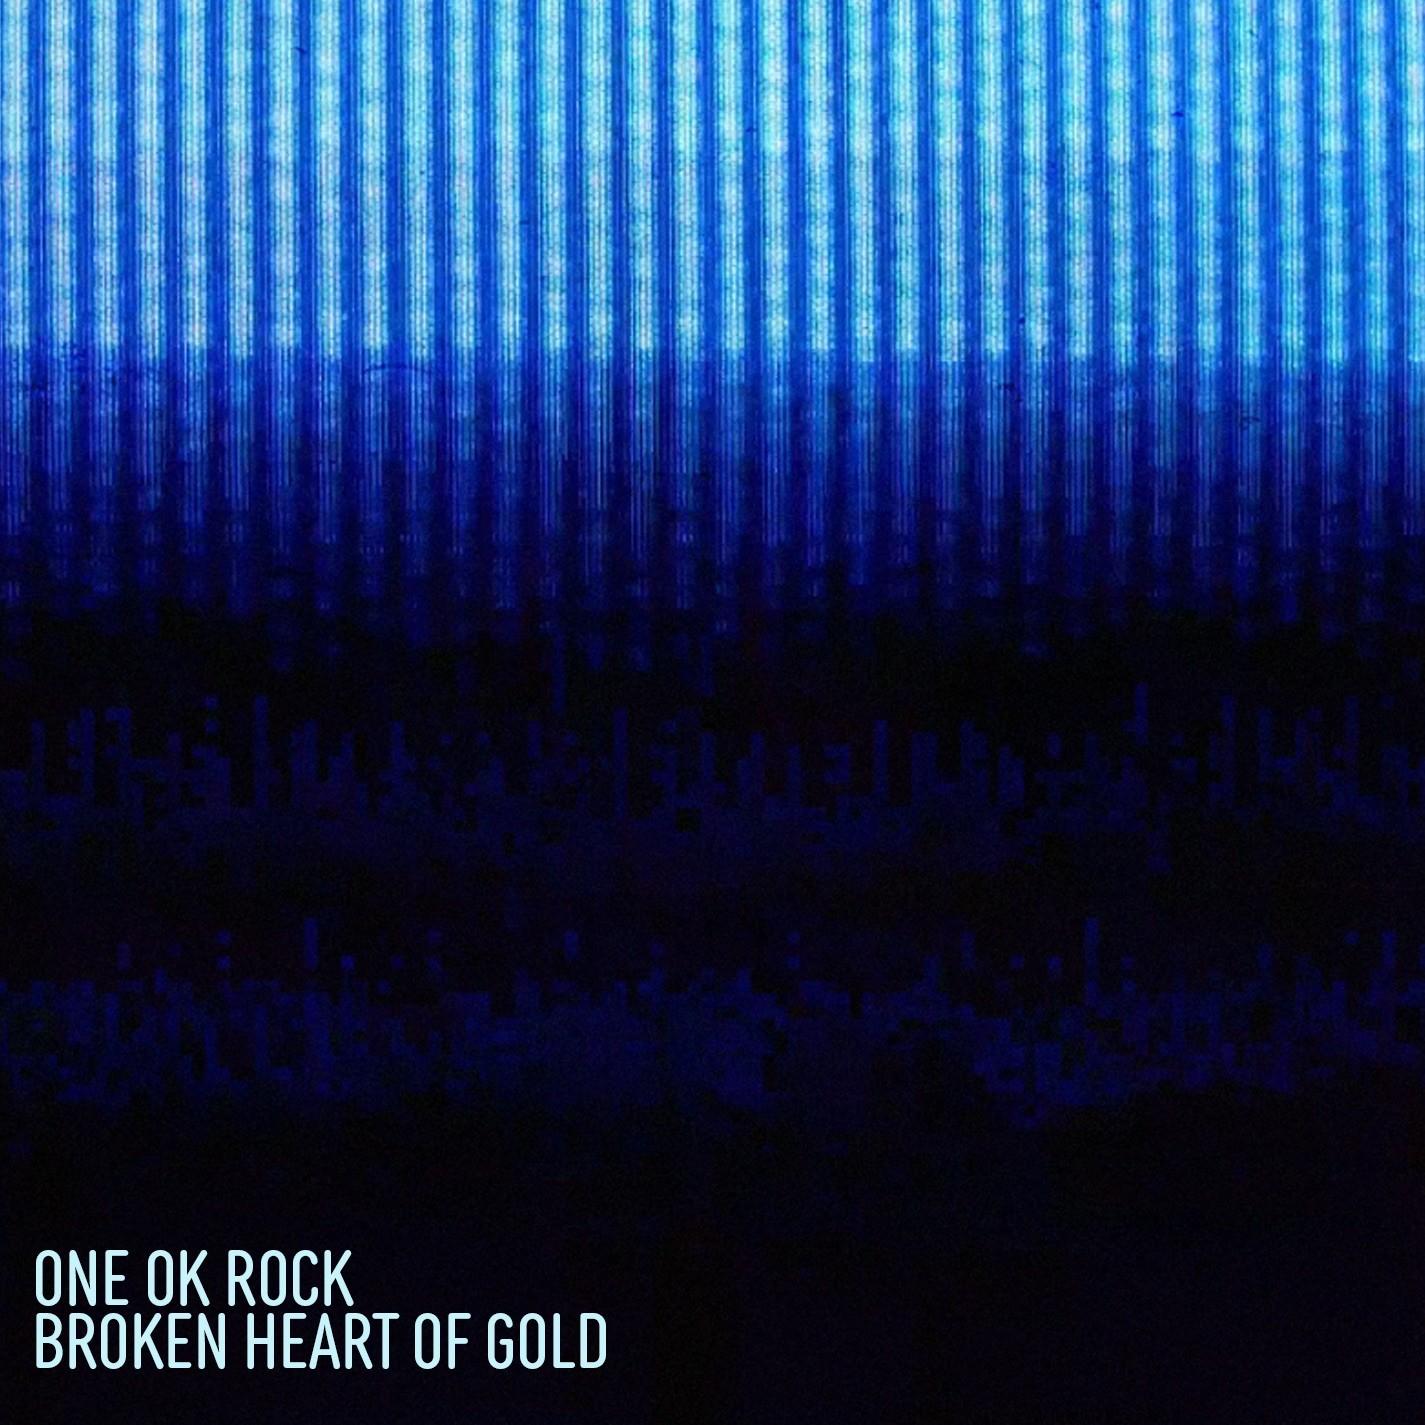 [Single] ONE OK ROCK – Broken Heart of Gold [24bit Lossless + MP3 320 / WEB] [2021.05.28]